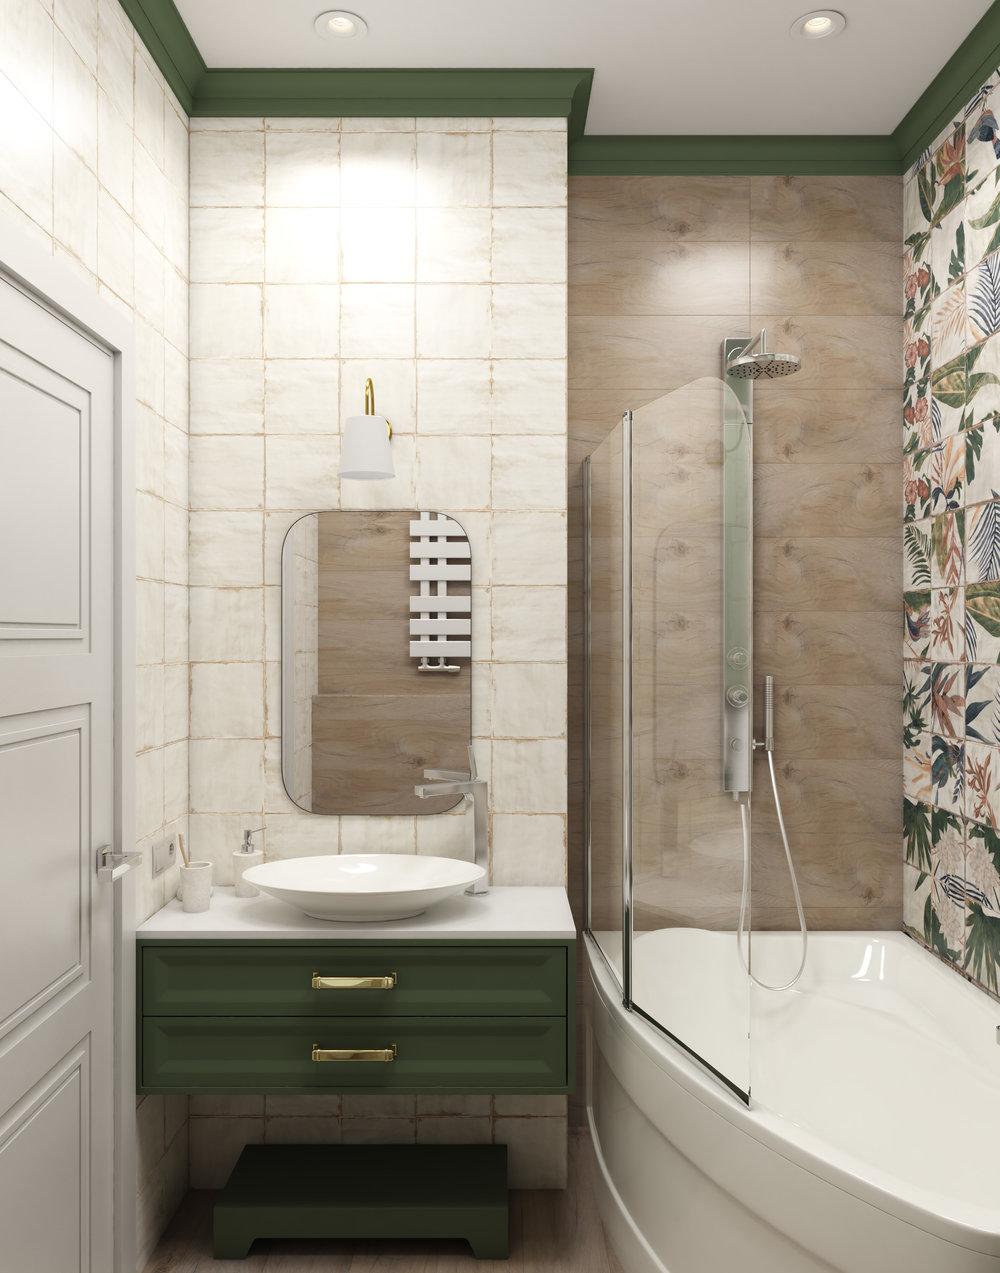 30_Детская ванная комната_вид 2.jpg